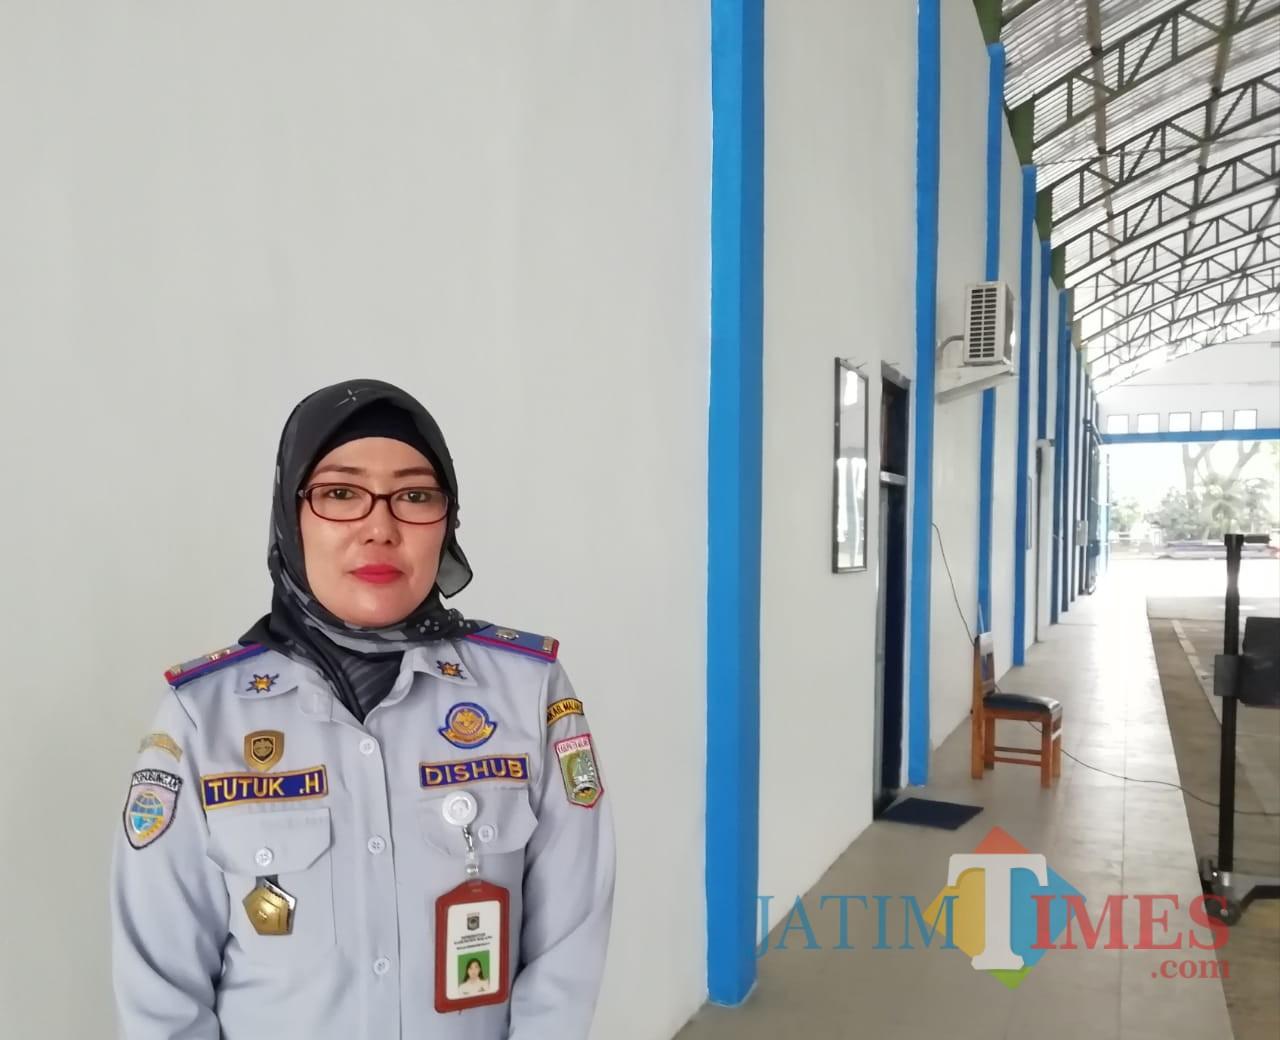 Tutuk Handayani Kepala Unit Teknis Pengujian Kendaraan Bermotor Dishub Kabupaten Malang (Nana)